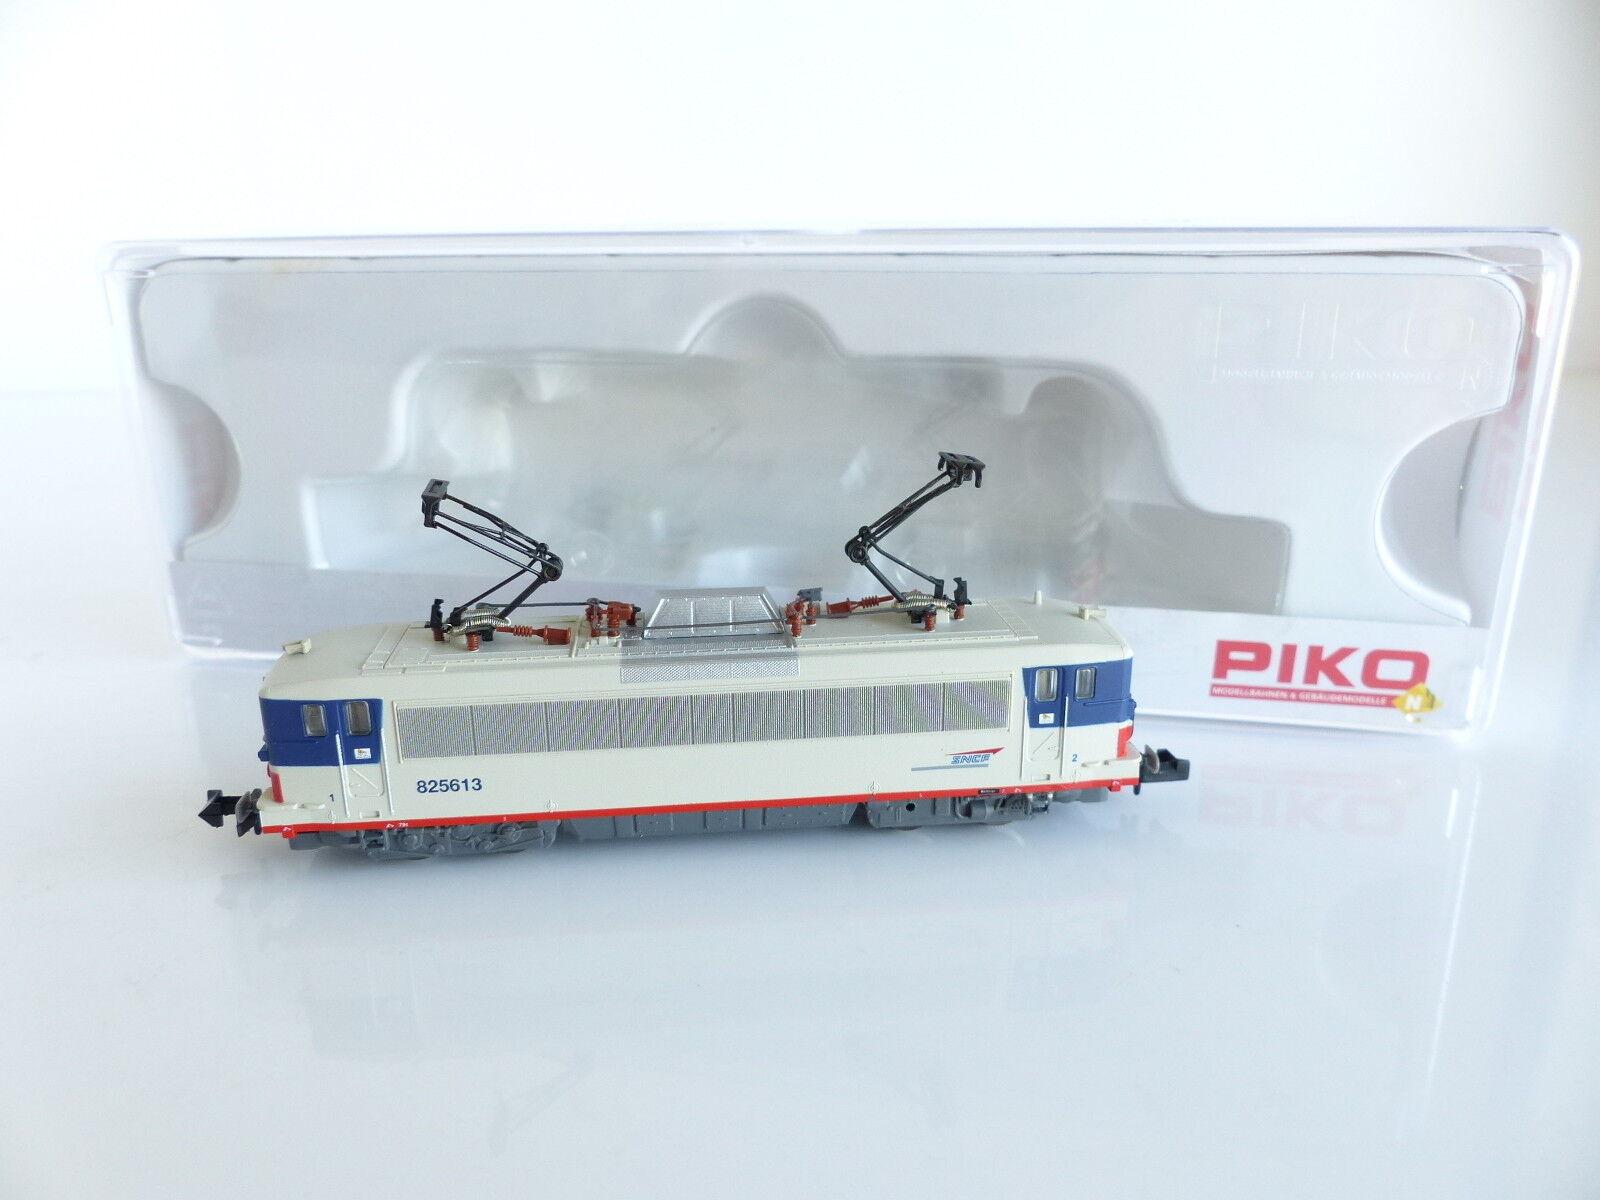 PIKO LOCOMOTIVE ELECTRIQUE BB 825613 ILE DE FRANCE SNCF REF 94207 ECHELLE N